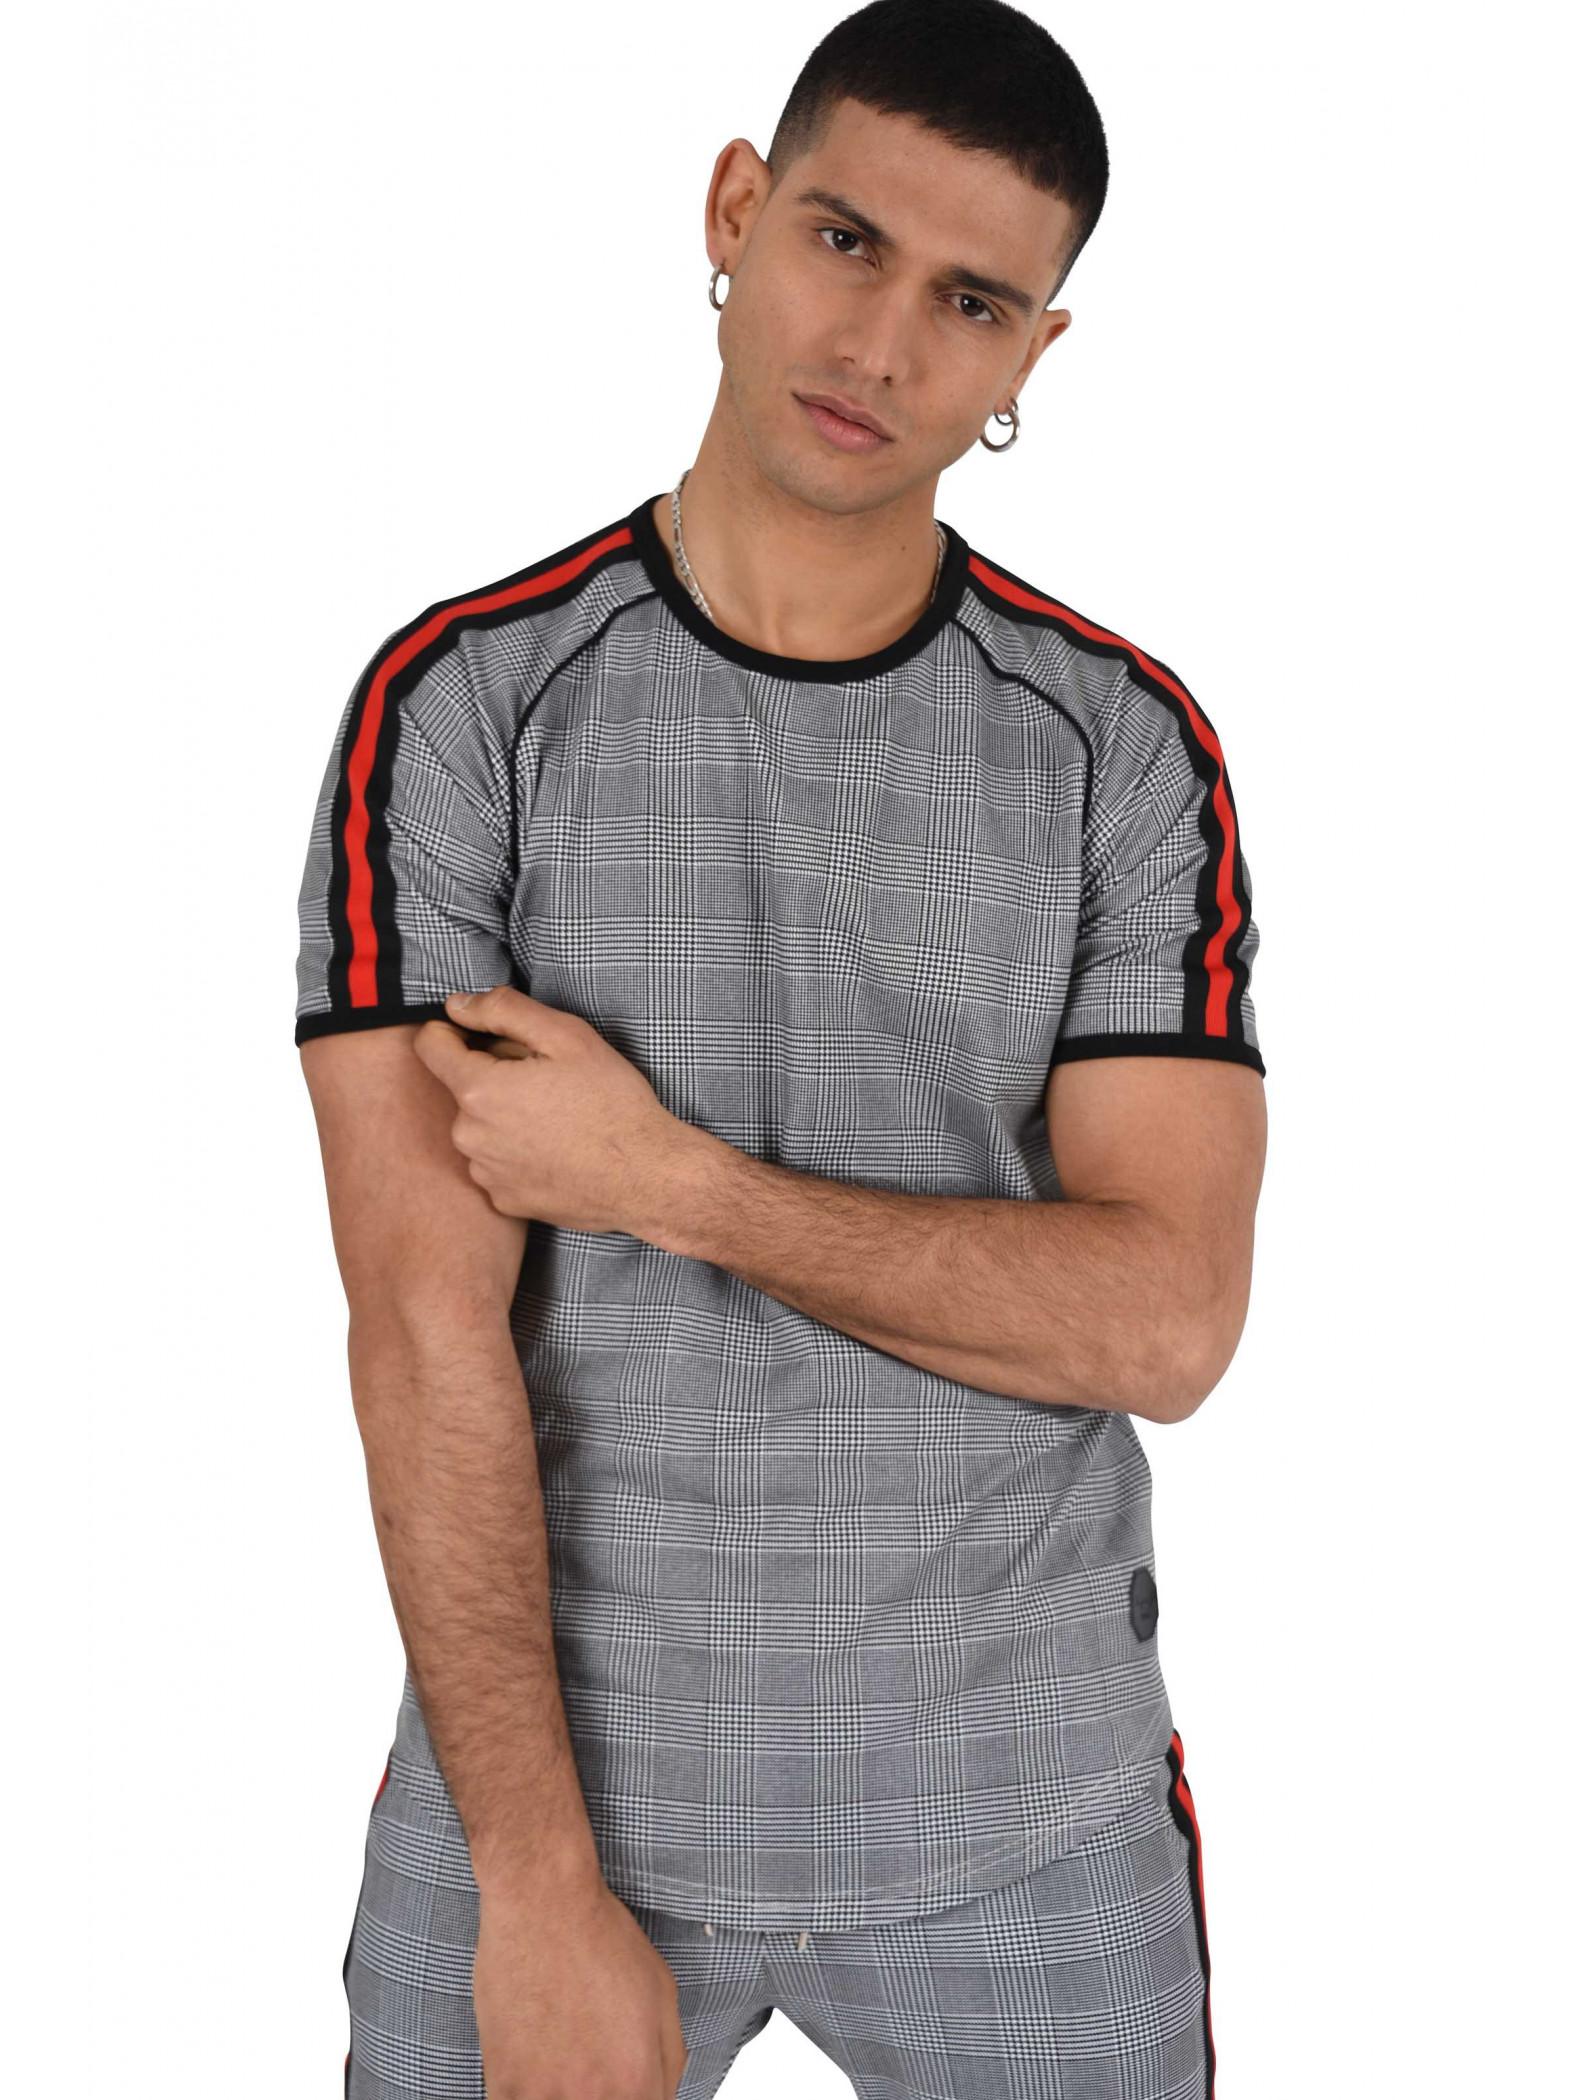 tee shirt motif pied de poule homme project x paris. Black Bedroom Furniture Sets. Home Design Ideas